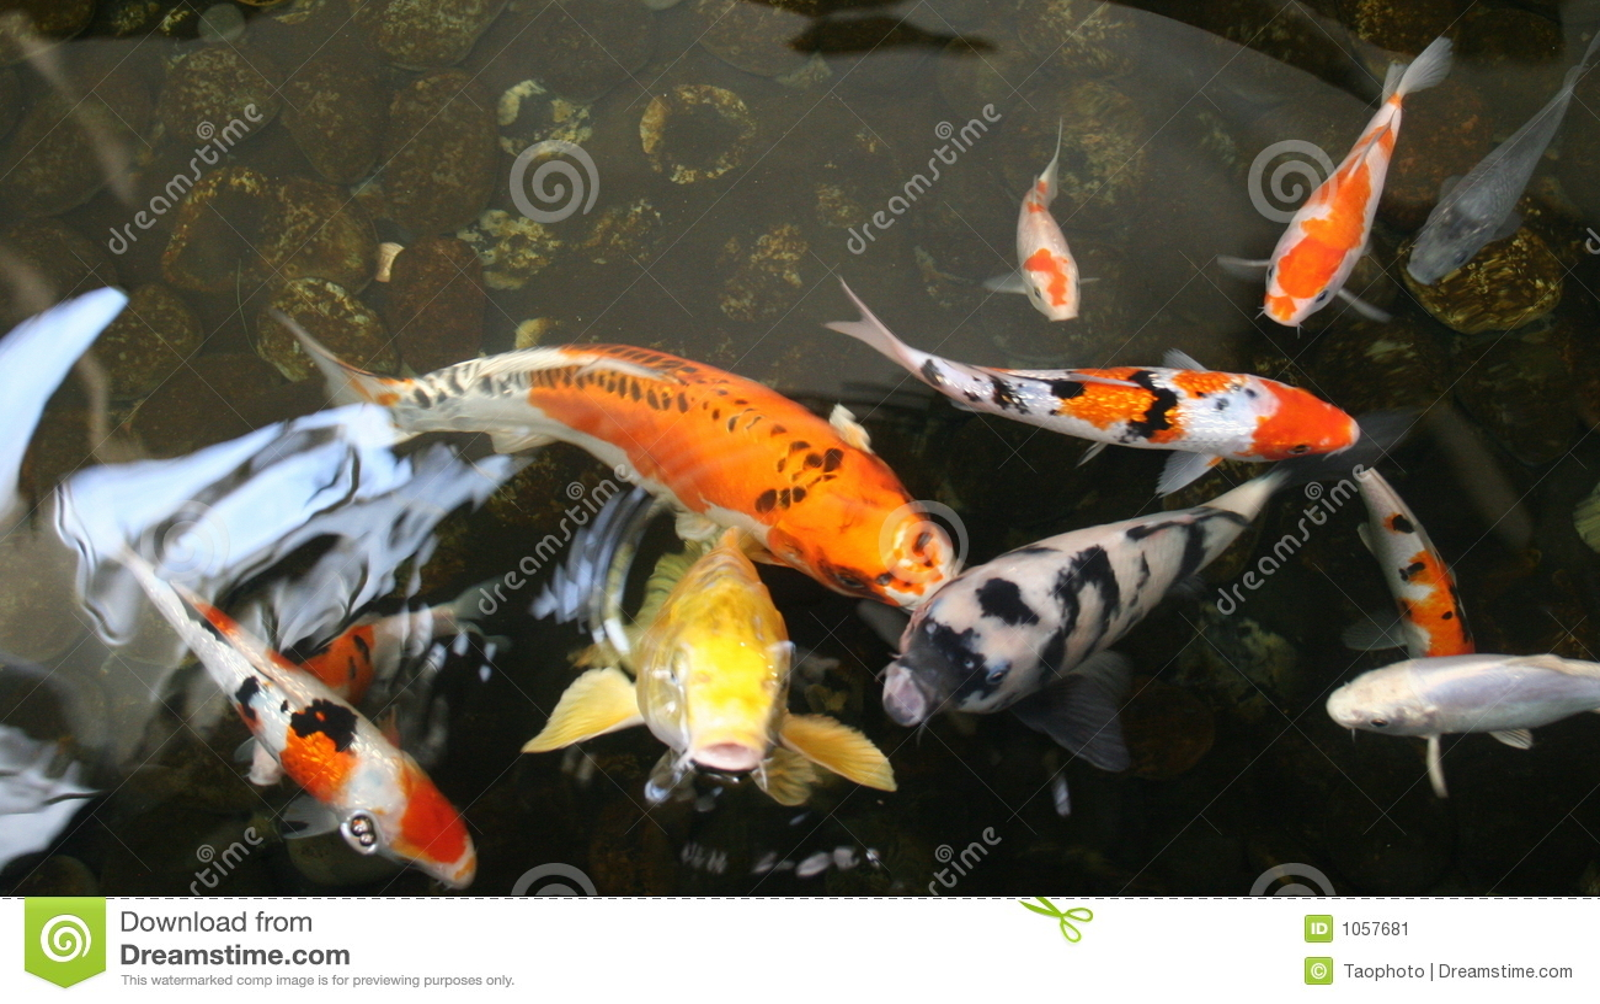 Pescados de la charca imagen de archivo imagen 1057681 for Teichfische arten bilder